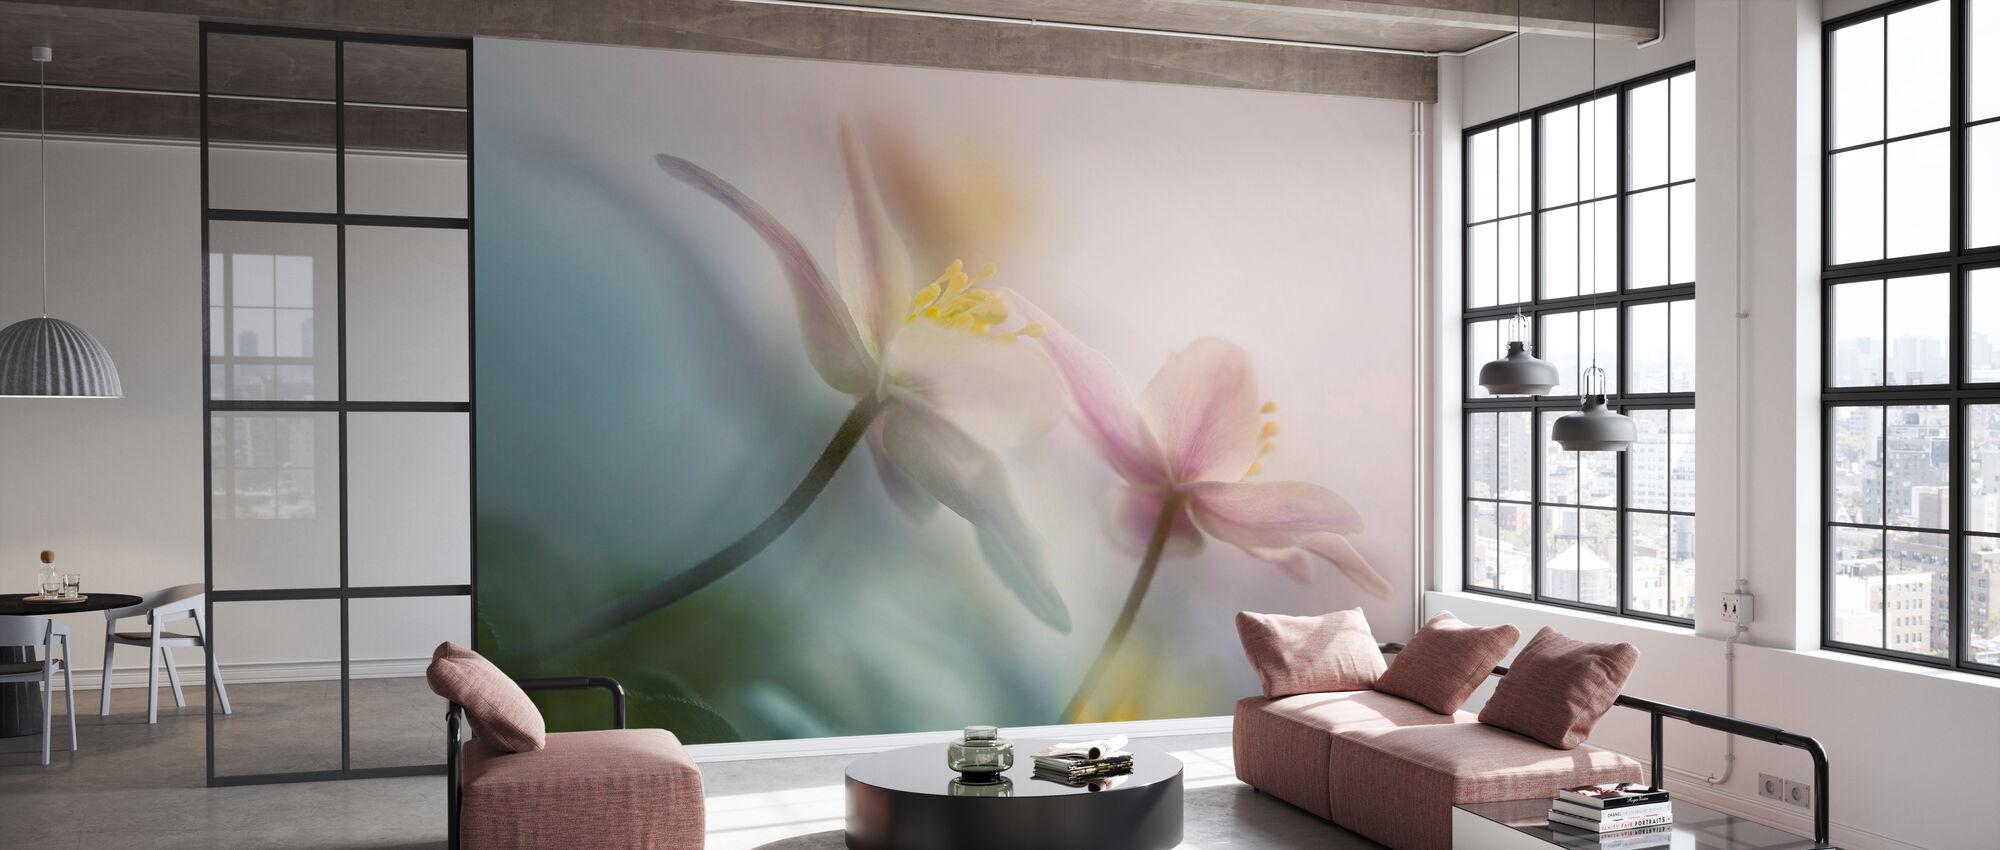 Gentle - Wallpaper - Office